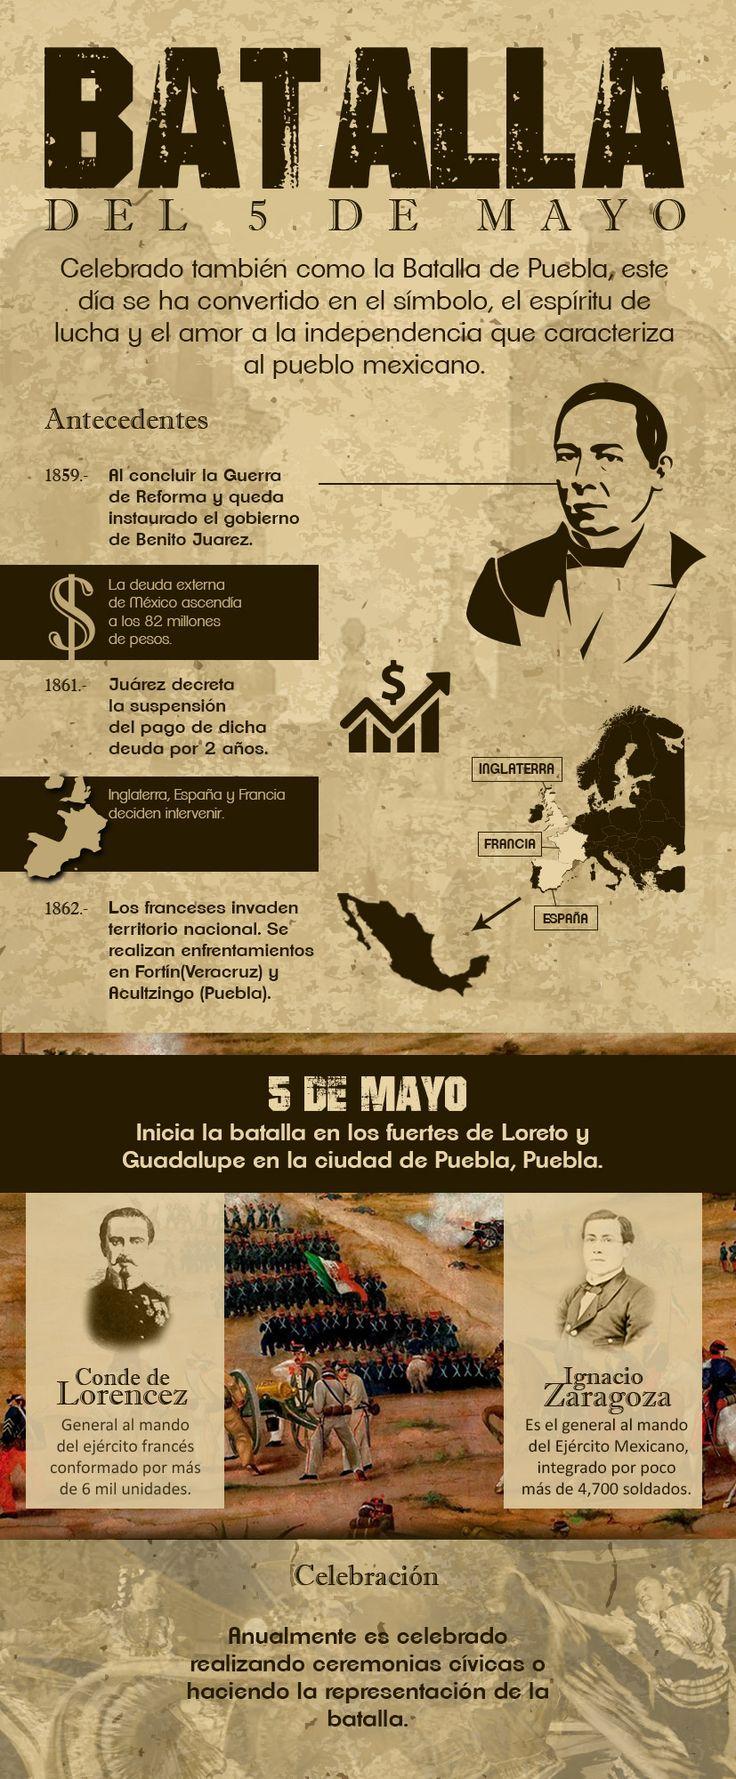 Infografía para conmemorar la batalla del 5 de mayo, también conocida como la batalla de Puebla